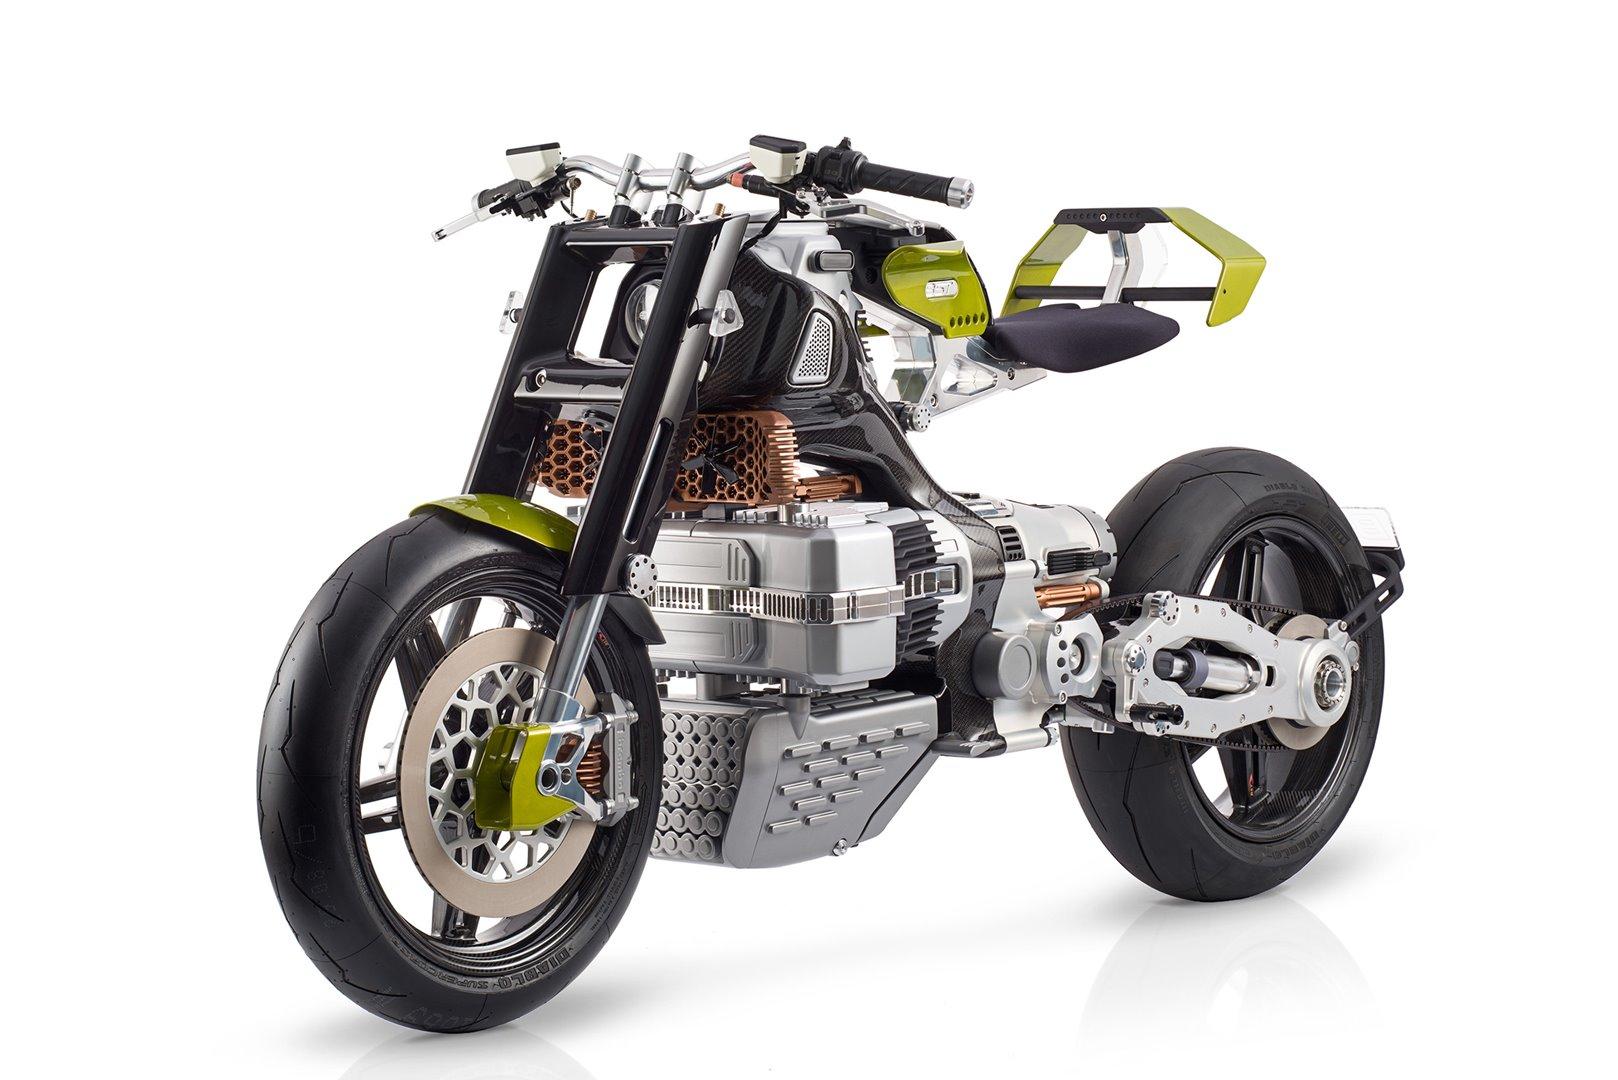 BST HyperTEK, la moto eléctrica del futuro según Pierre Terblanche